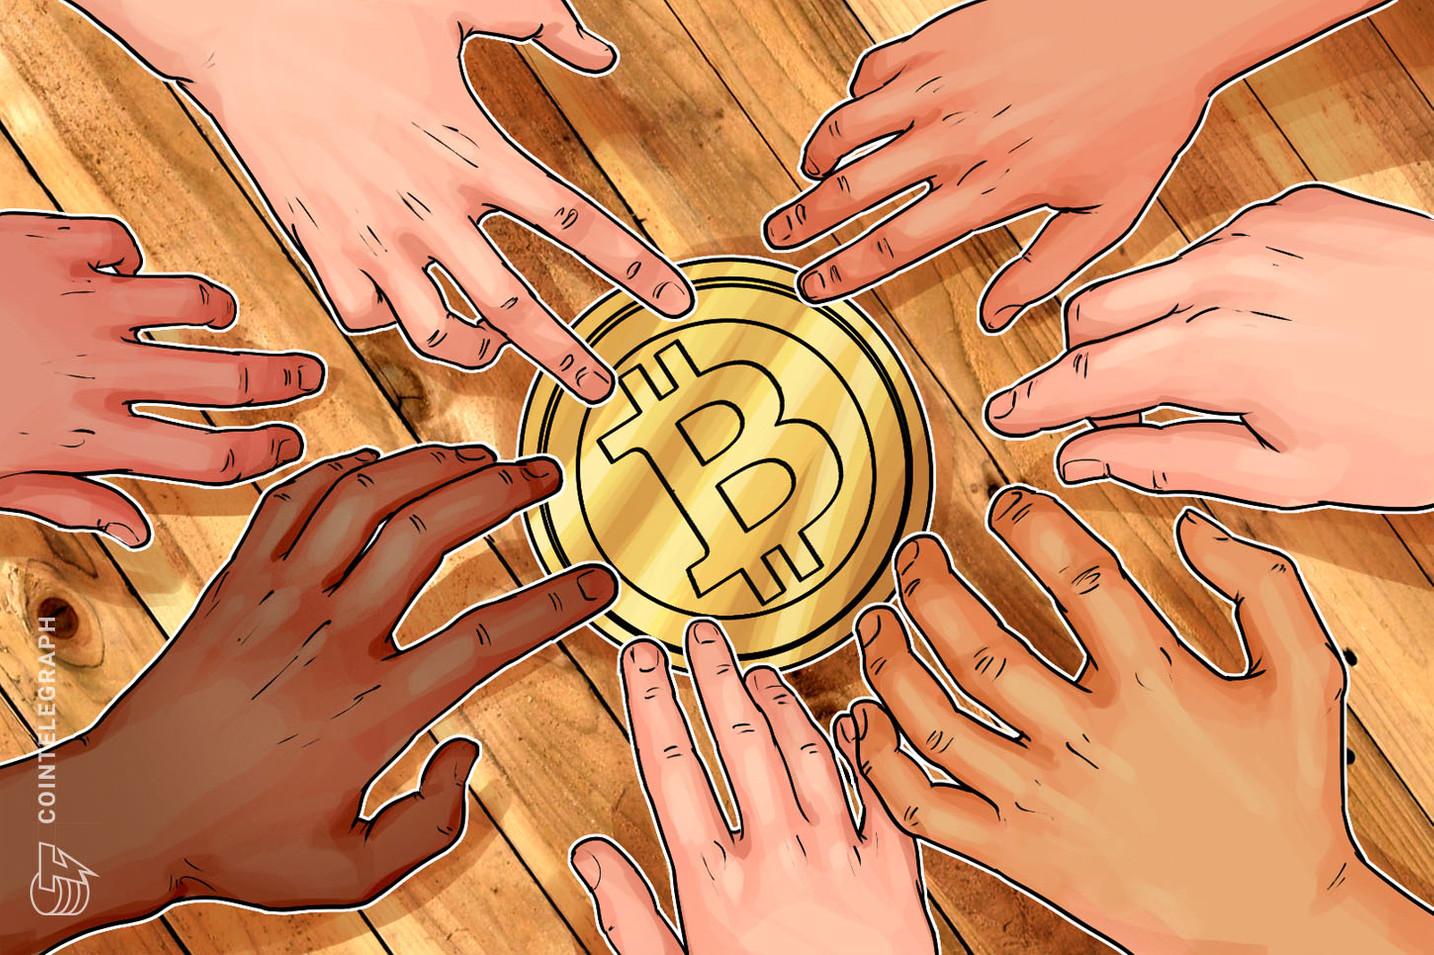 Il CME Group prevede un'alta richiesta per le sue opzioni sul Bitcoin in Asia